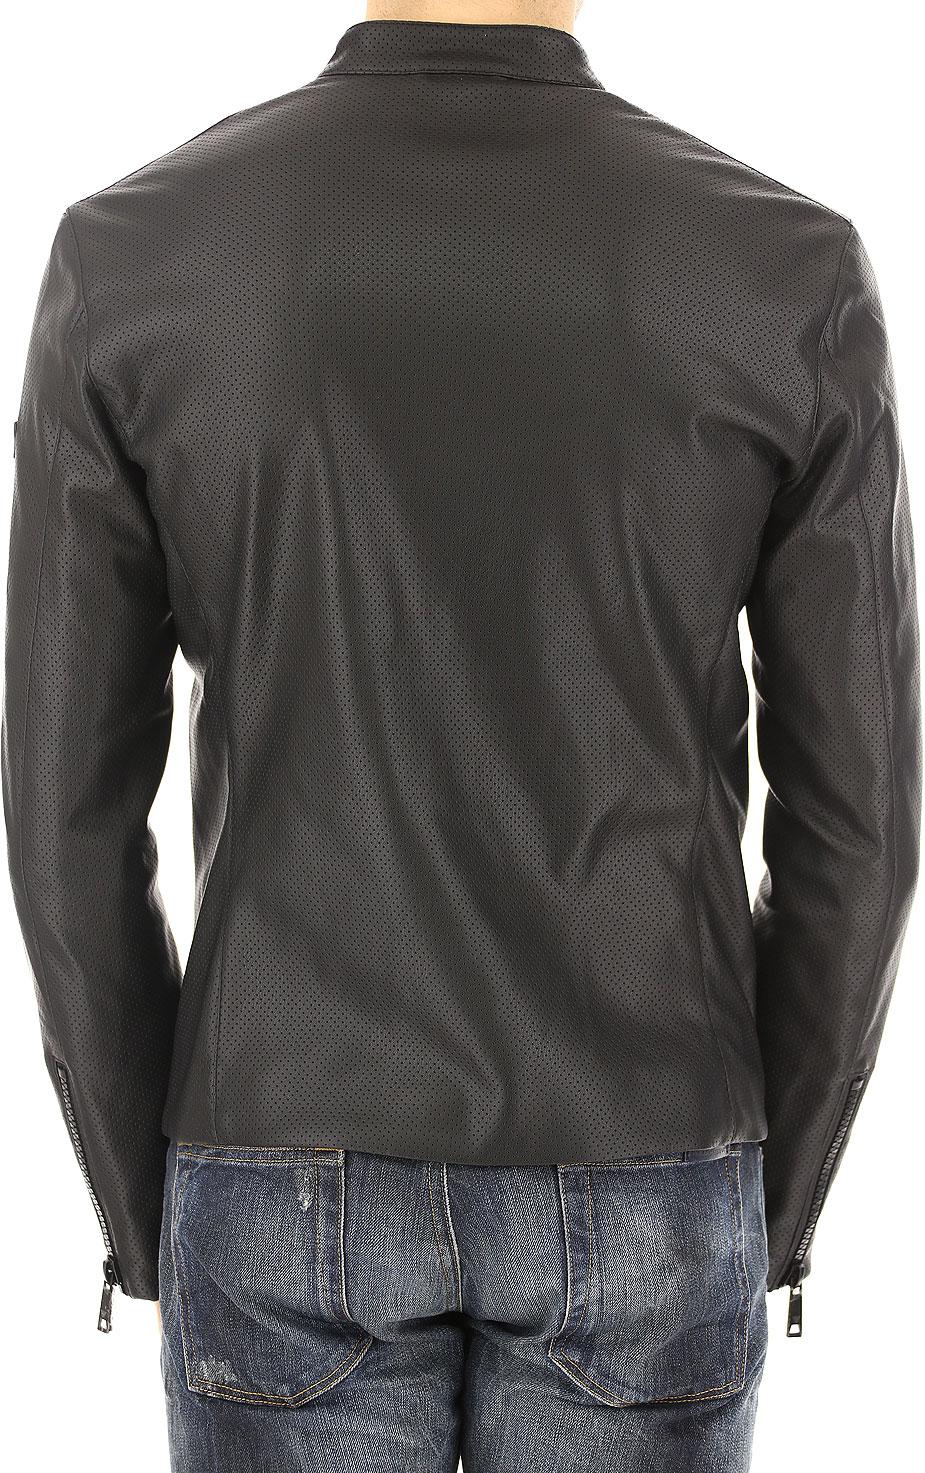 Abbigliamento Uomo Emporio Armani, Codice Articolo: 3z1b92-1eaaz-0999